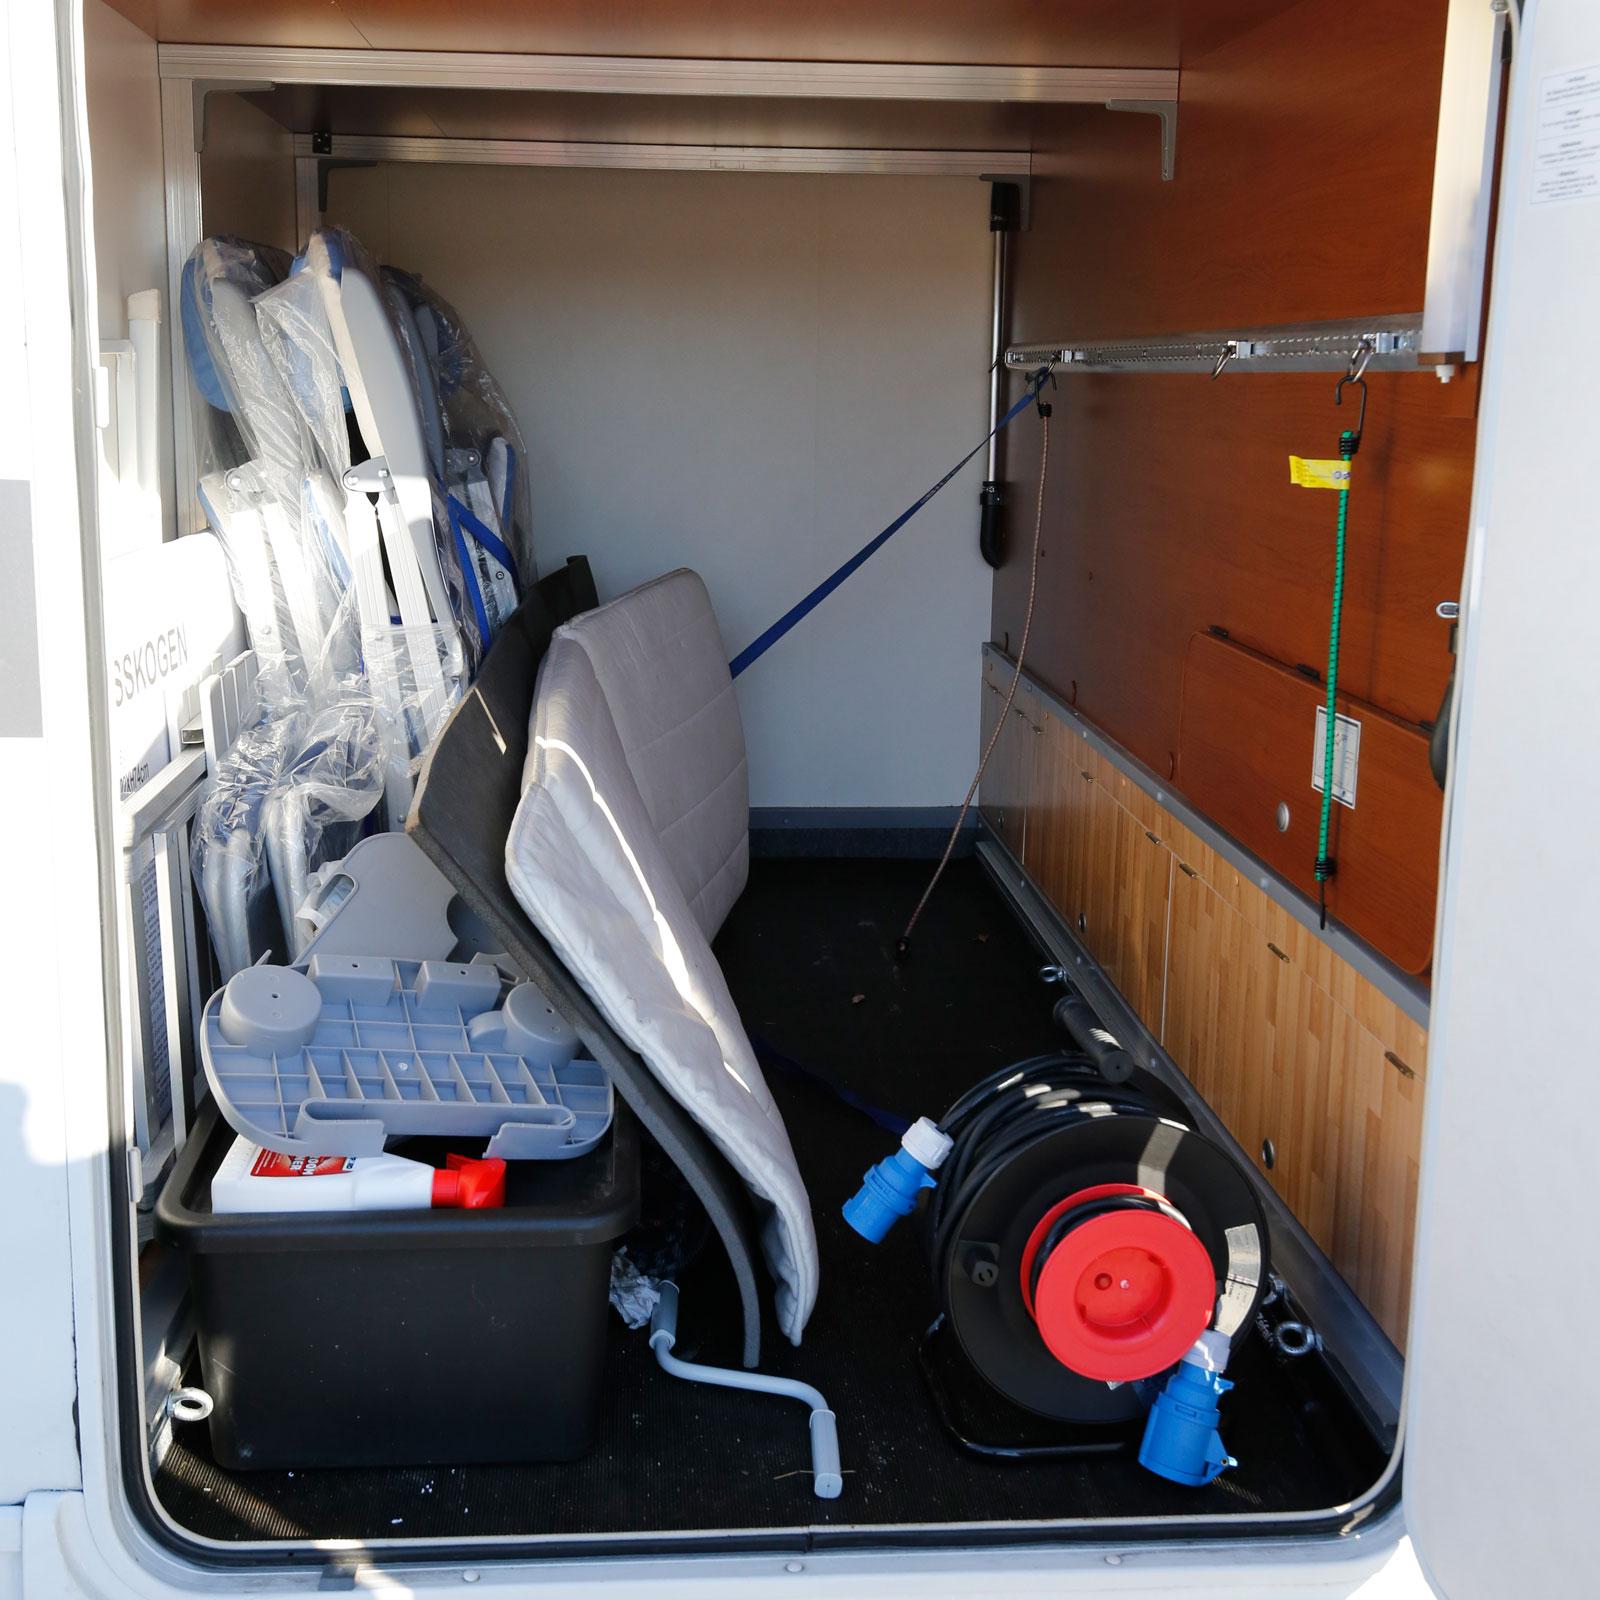 Lastskenan upptill är bra för att spänna fast elcyklarna.